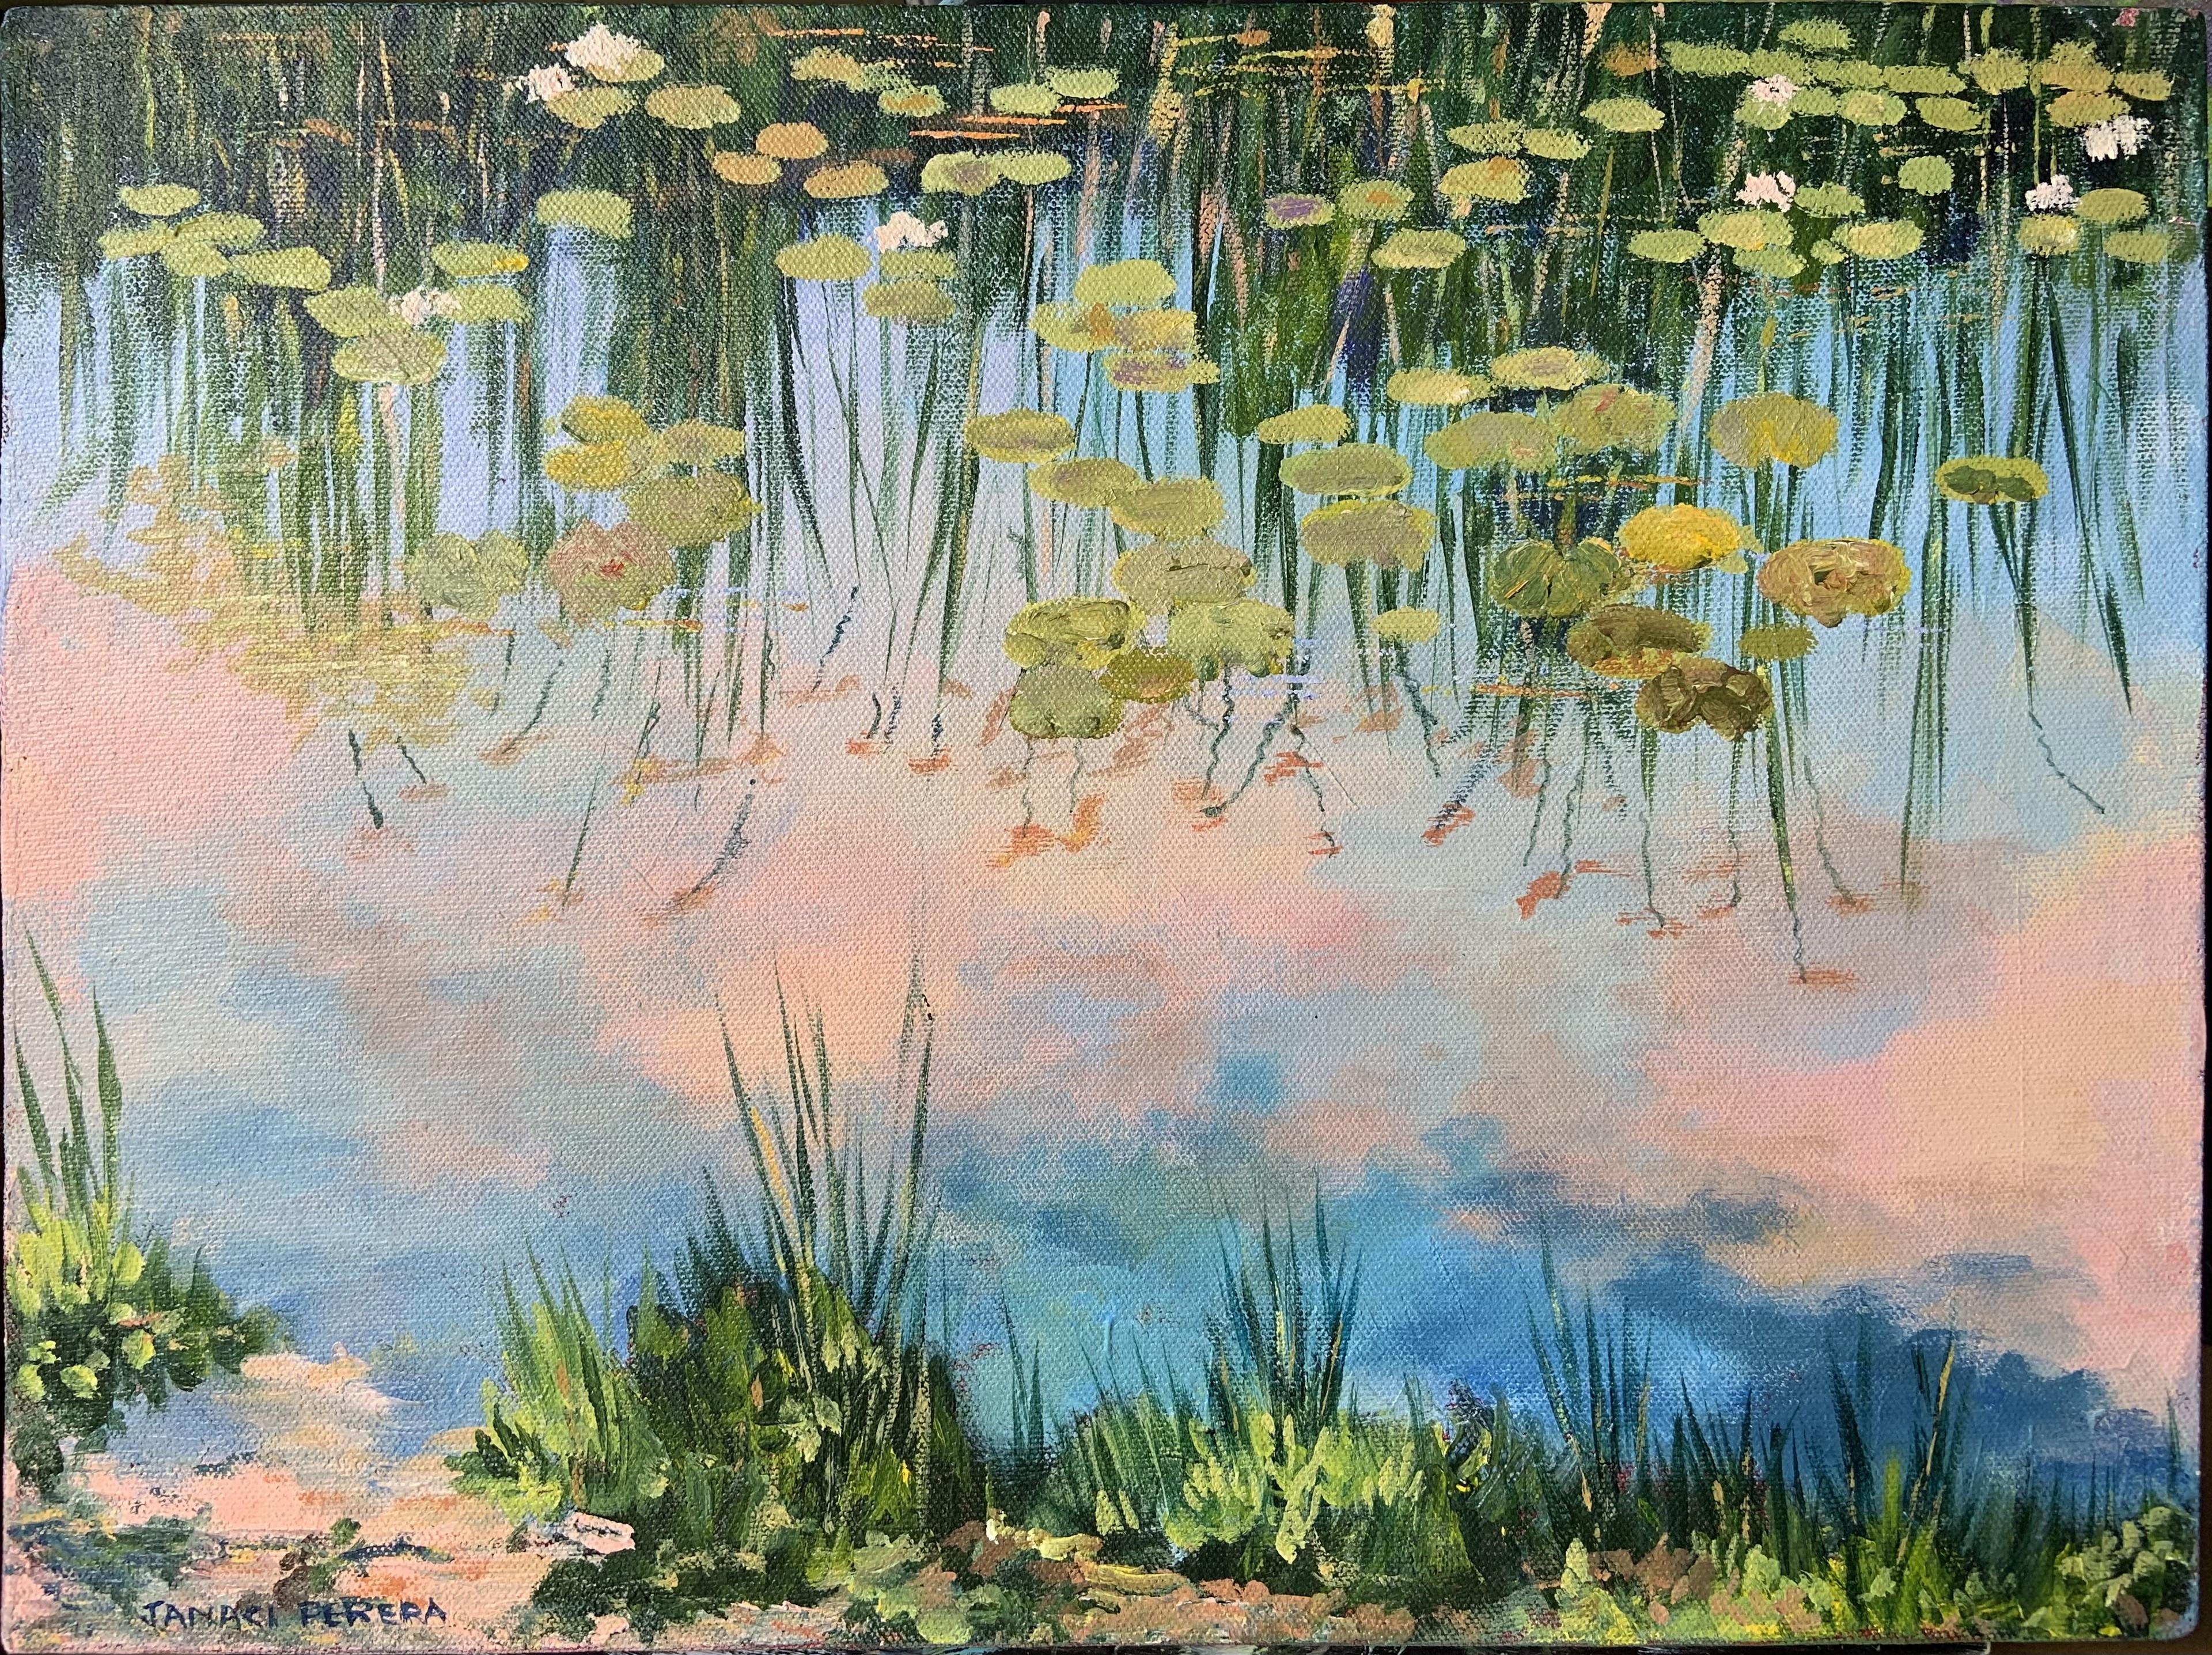 Reflection of lotuses by Janaki Perera